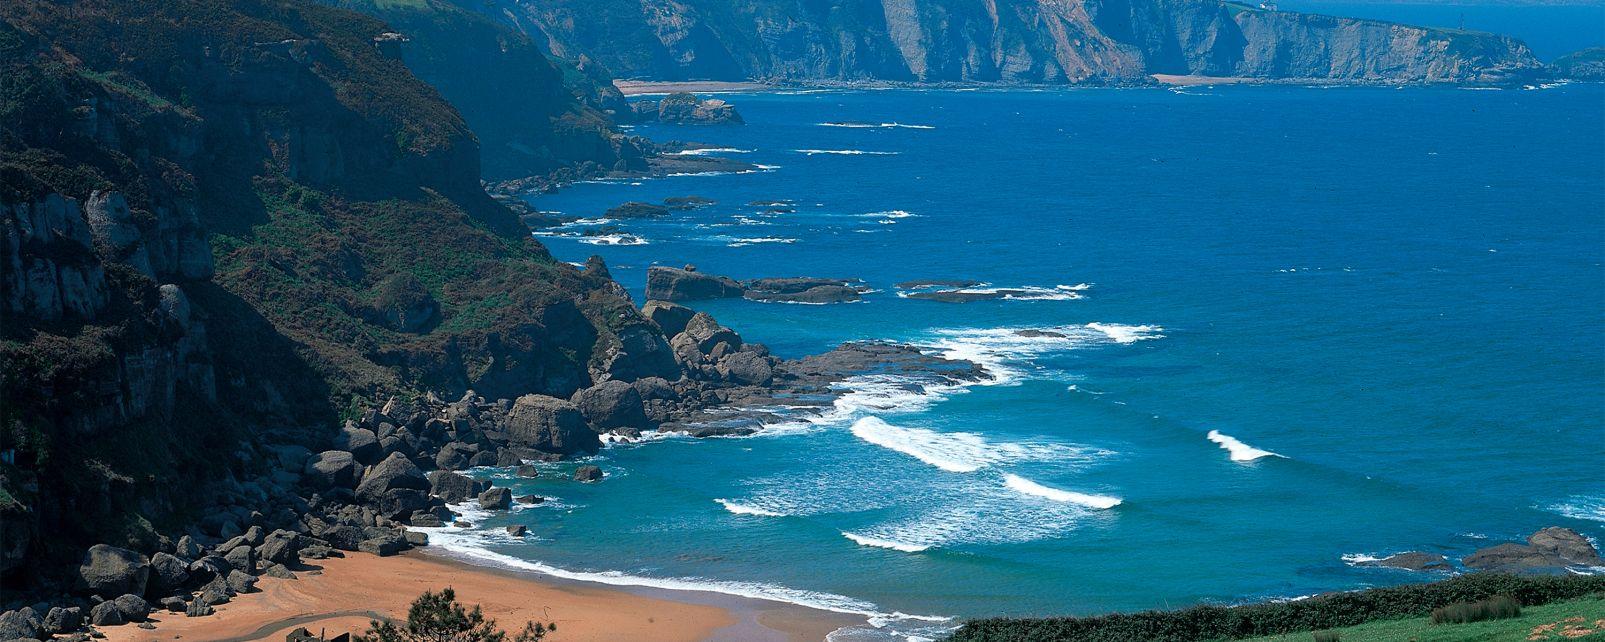 Ñora Beach, La Ñora beach, Coasts, Asturias